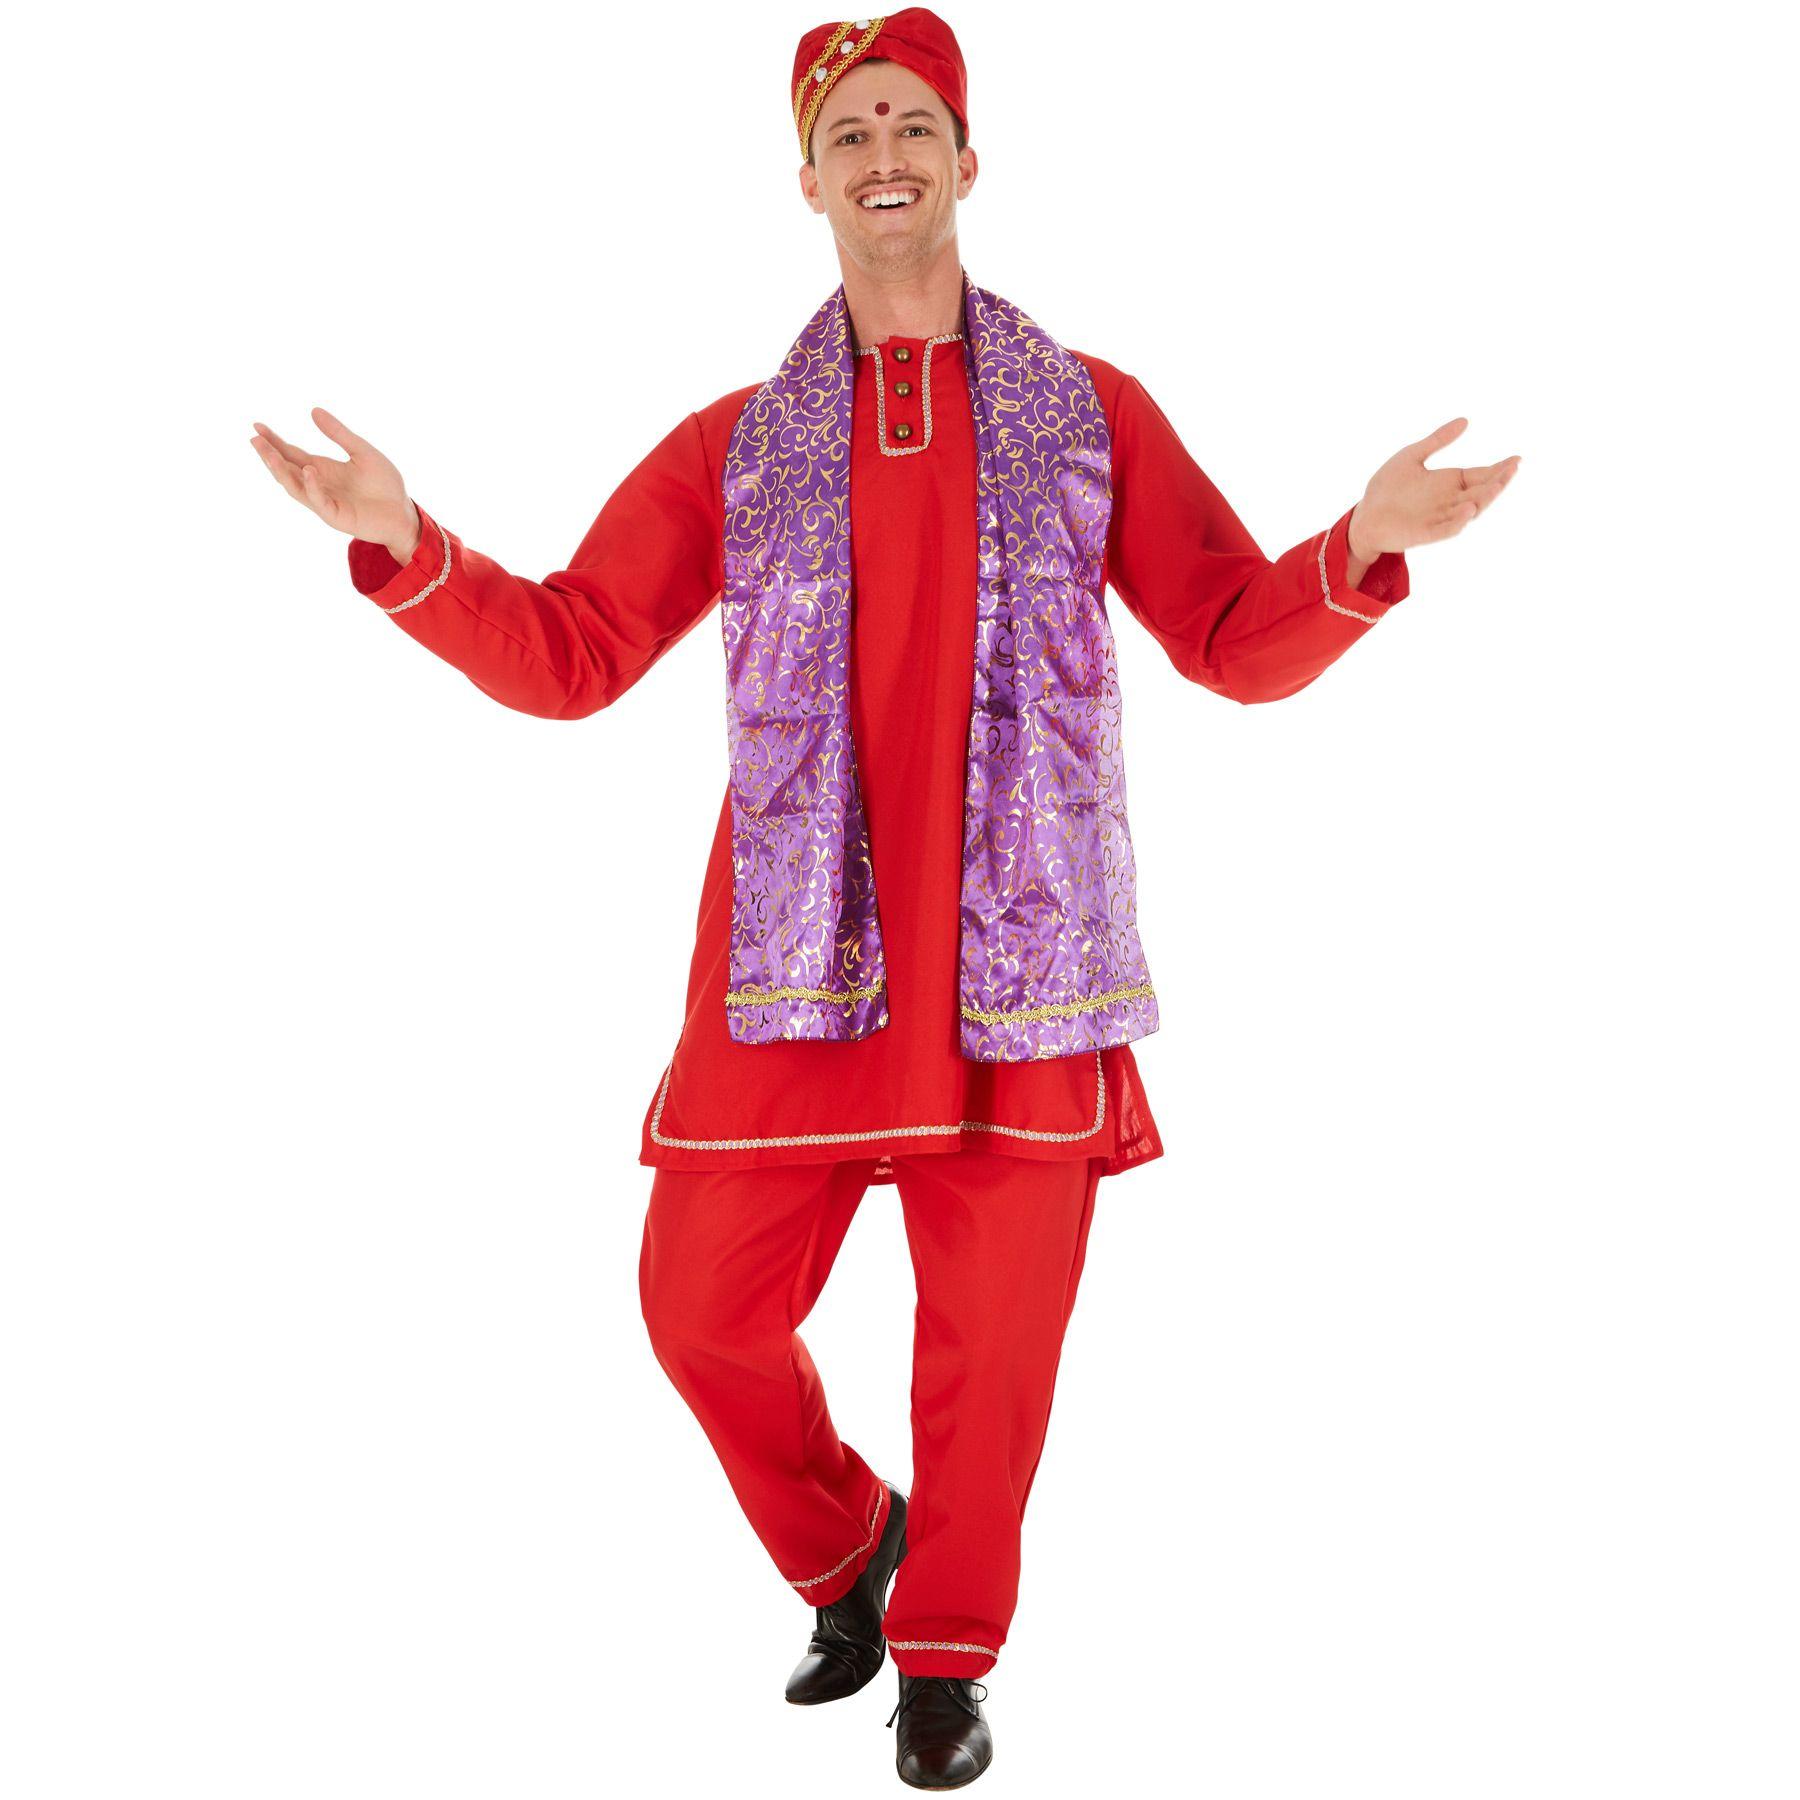 ARABER SET Hut Mütze Turban grauer Bart Inder Arabien Orient Kostüm Party 74607